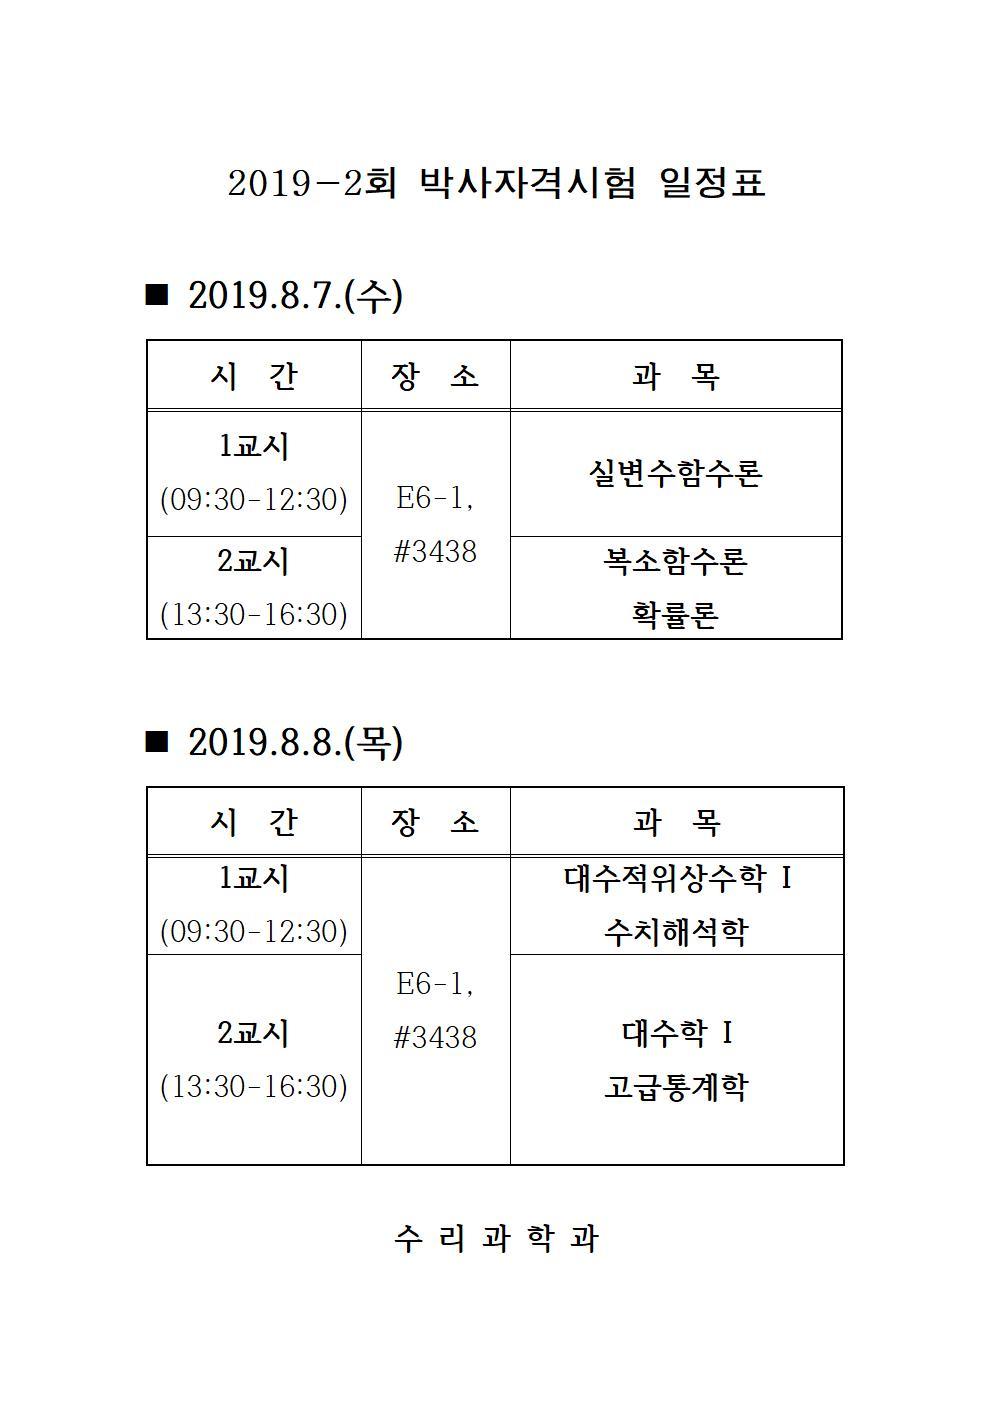 2019-2회 박사자격시험일정표_게시문001.jpg